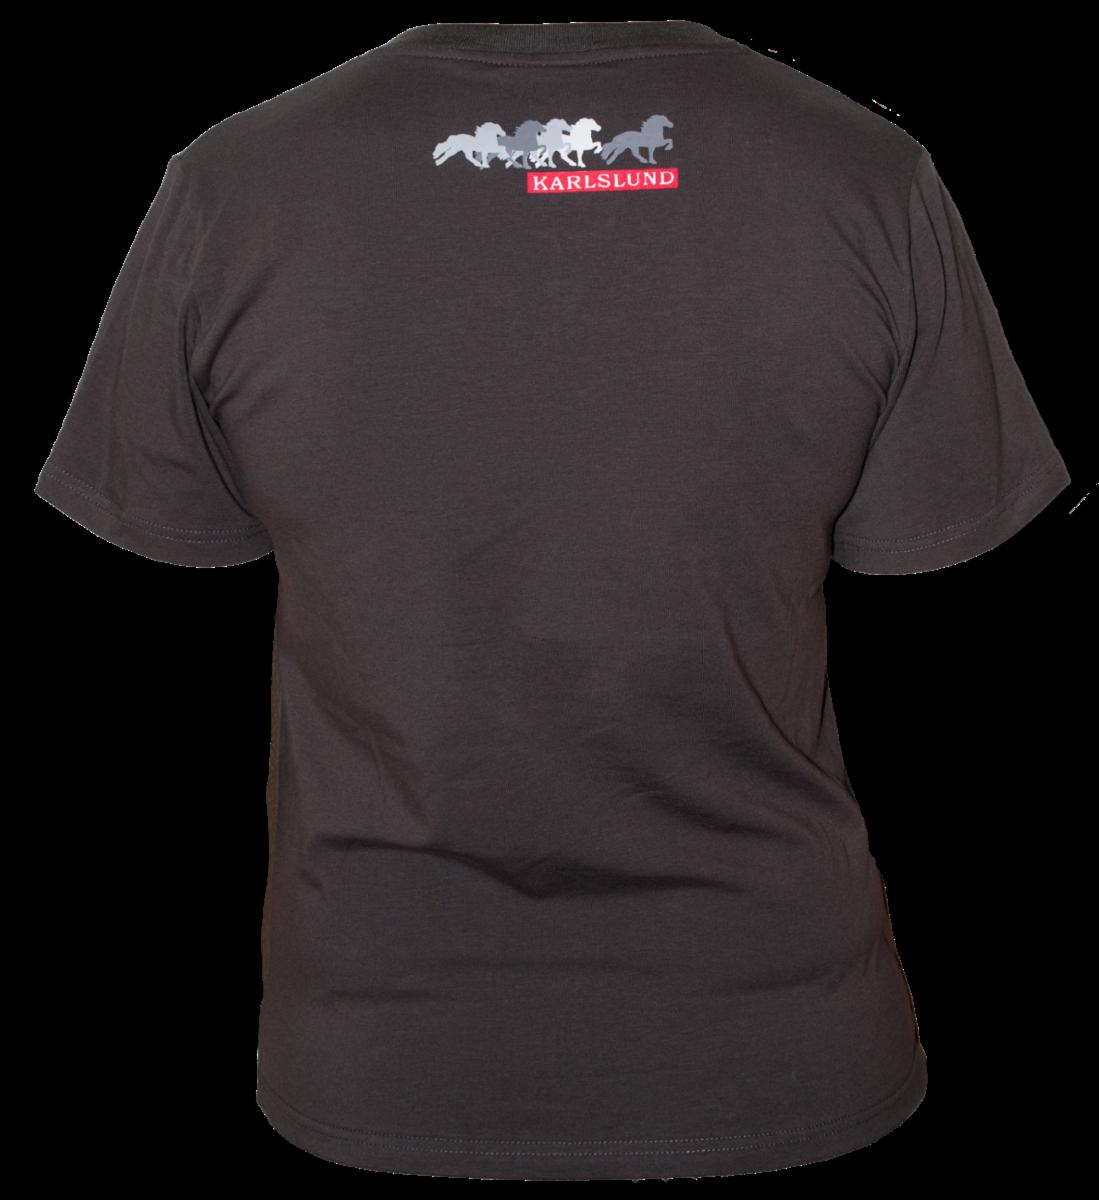 karlslund  t-shirt_k546-gra-back